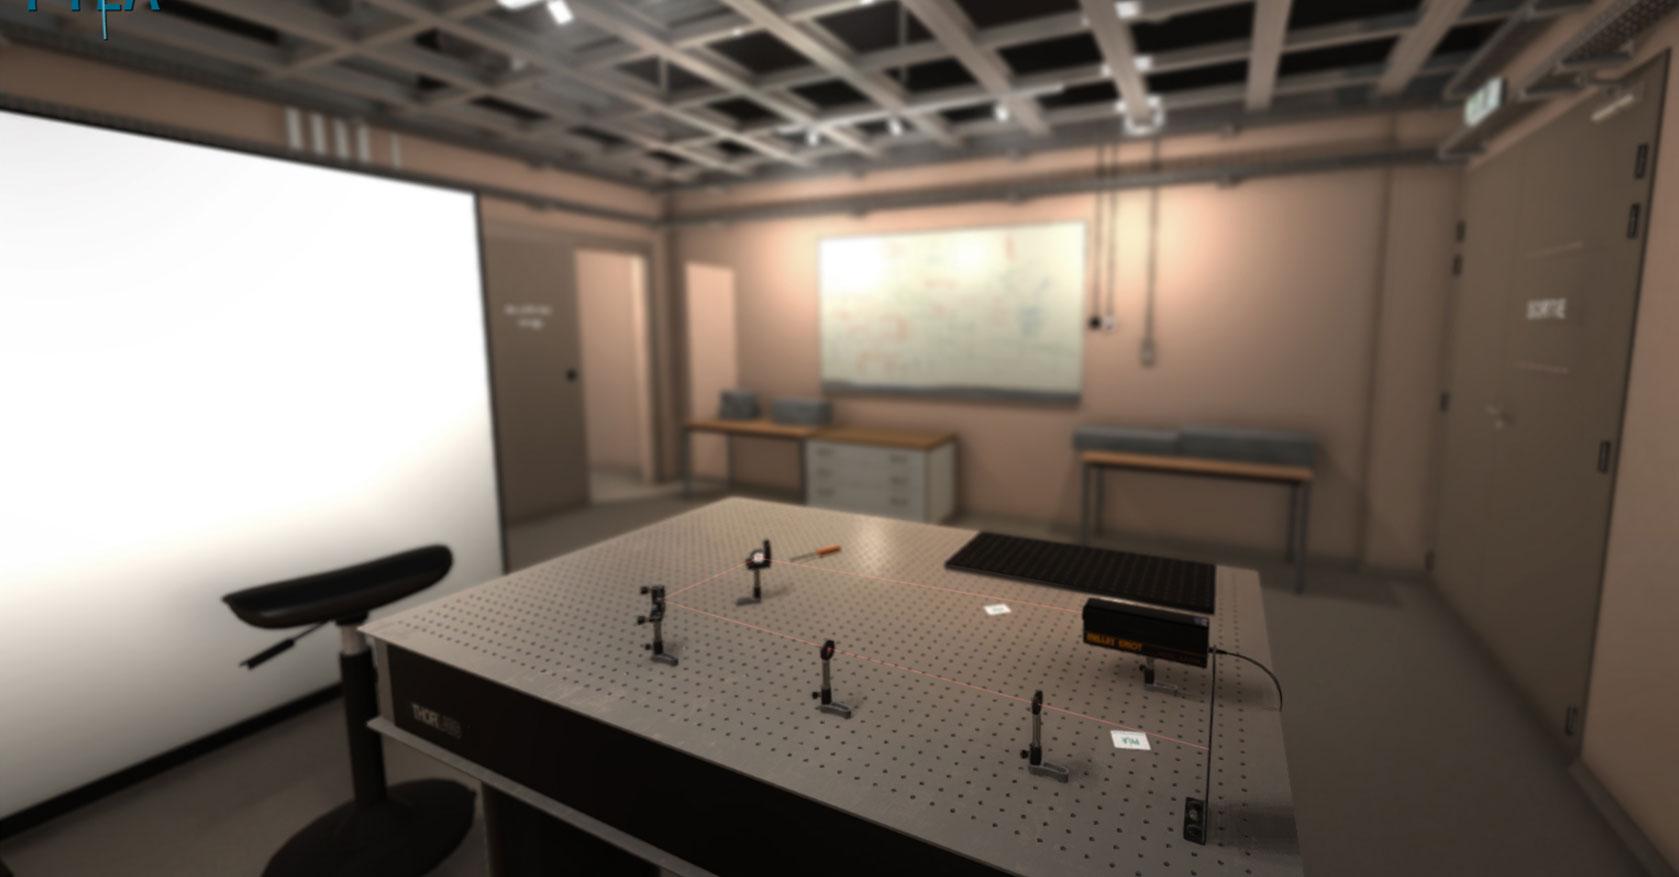 idsc-immersive-digital-services-creations-photonique_laser02